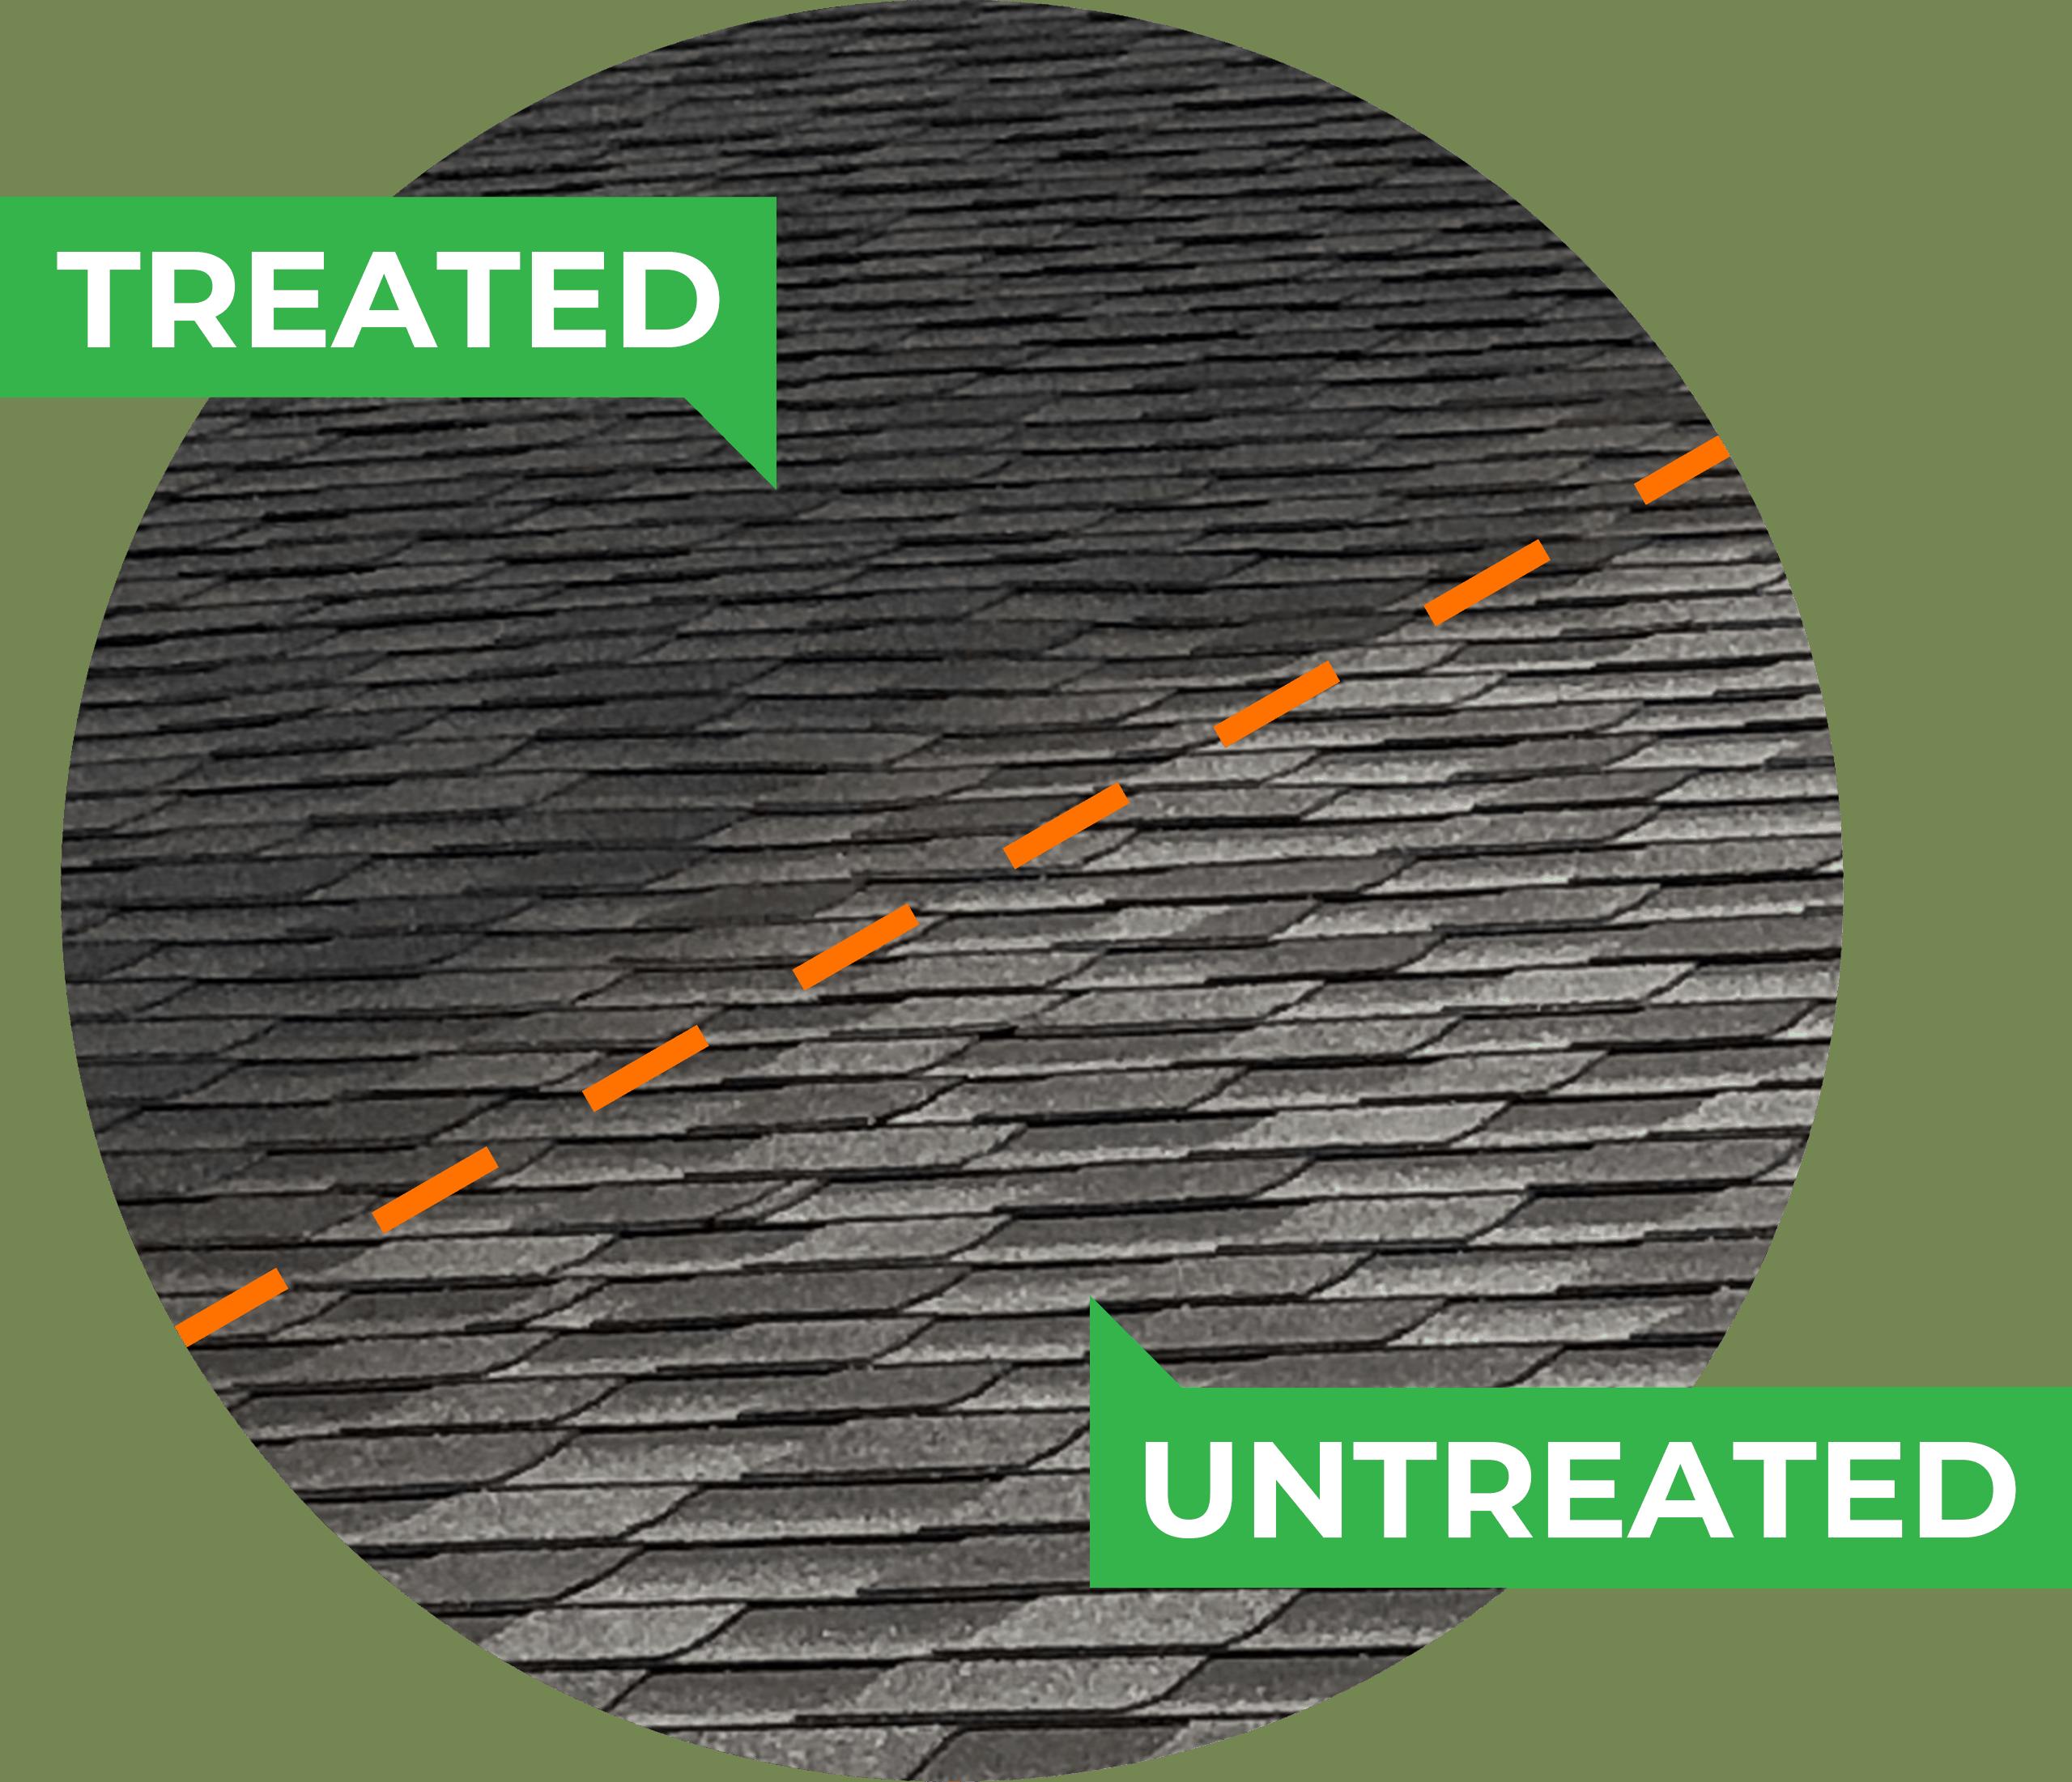 Treated vs. Untreated shingles 2